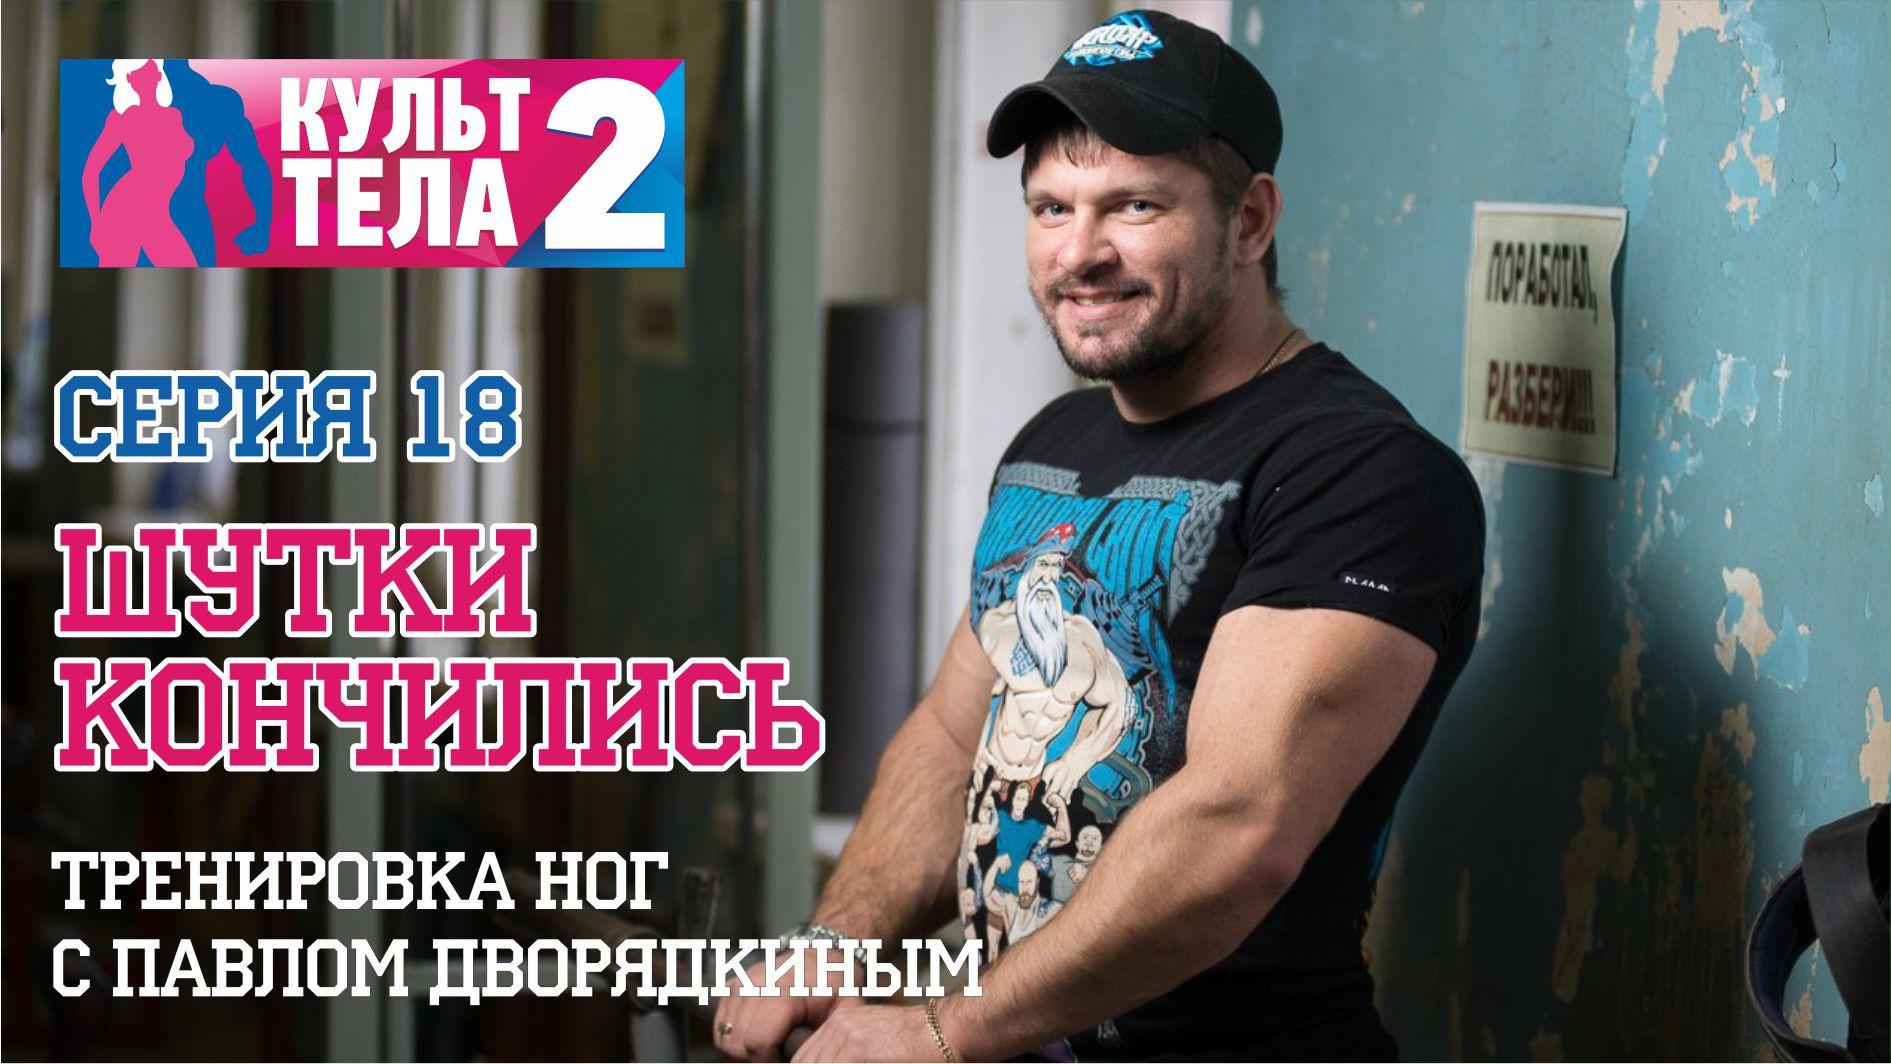 18 эпизод проекта «Культ Тела-2». Тренировка с Павлом Дворядкиным